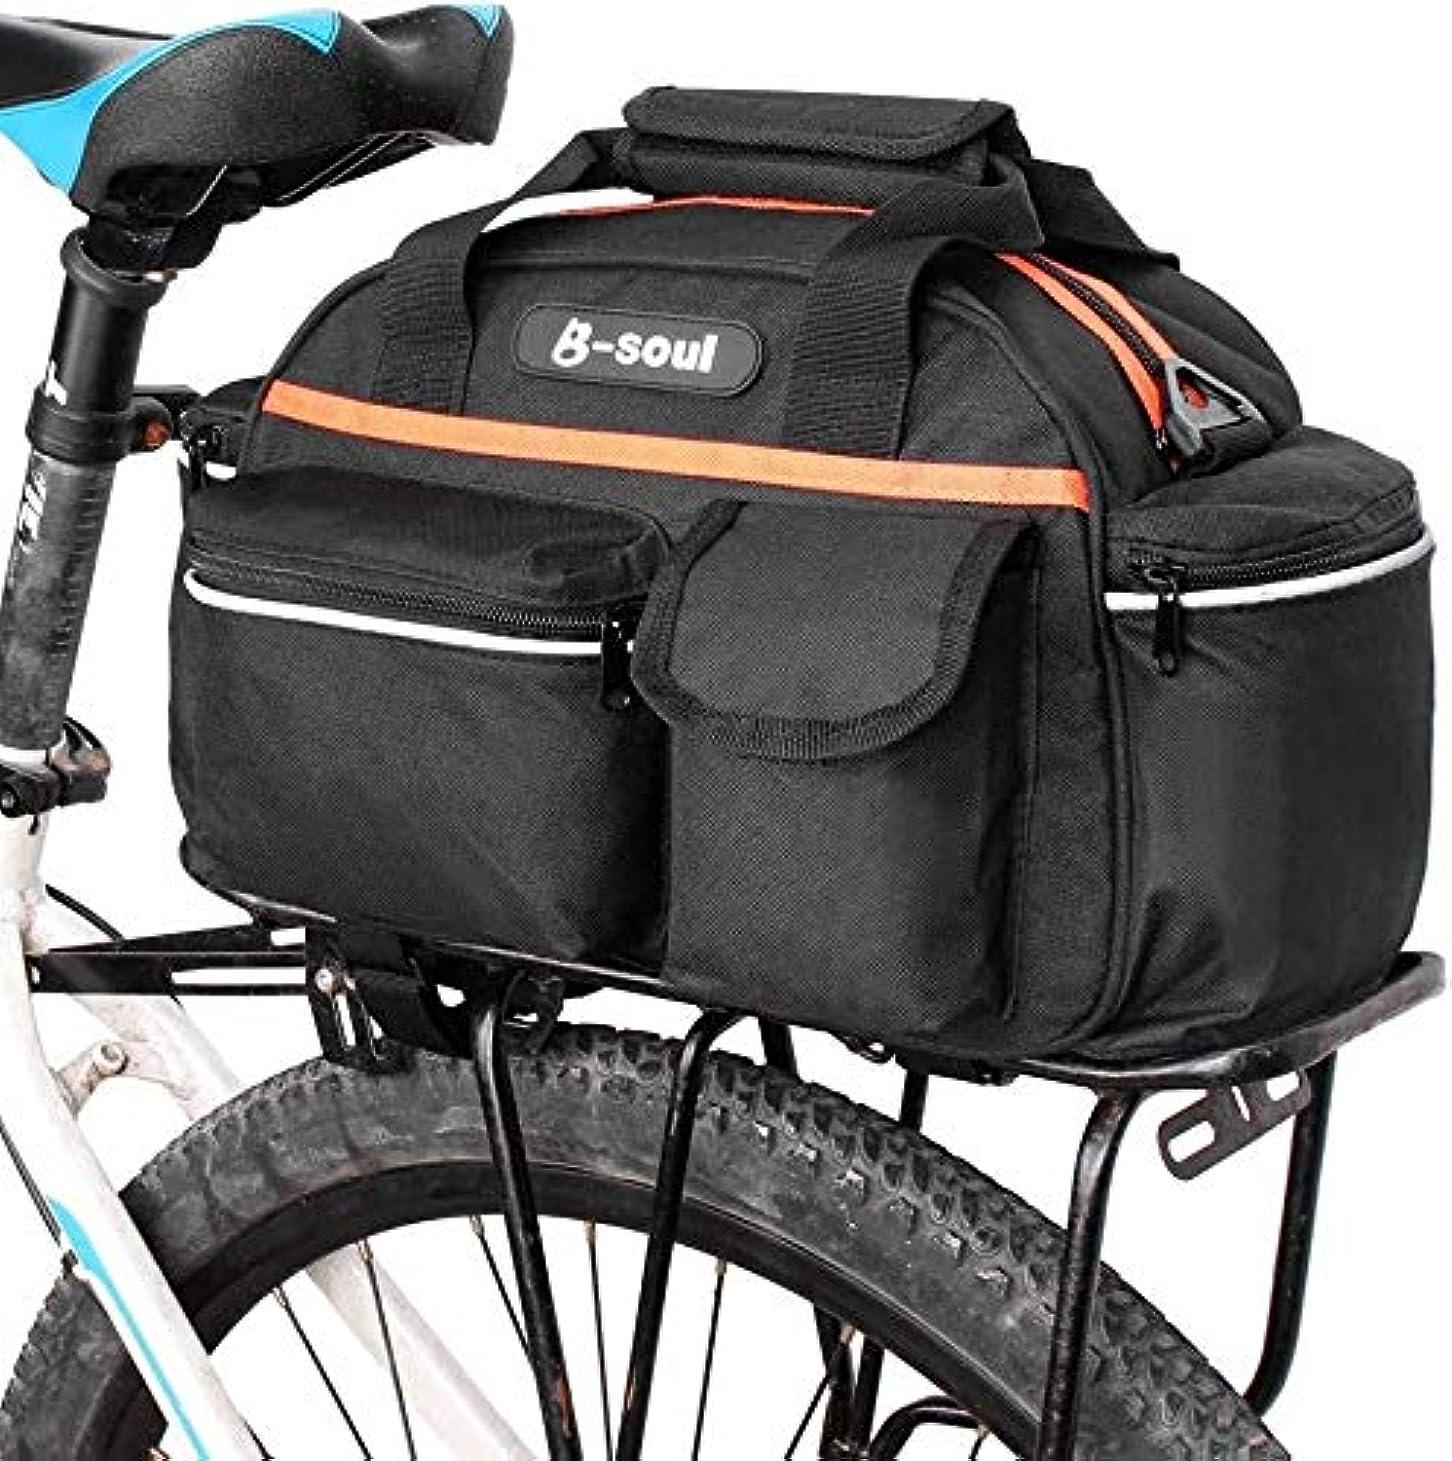 露出度の高いもっとだらしないバイクリアシートバッグ15L - トランクバスケットパニアバッグサイクリング荷物預かりケースラック